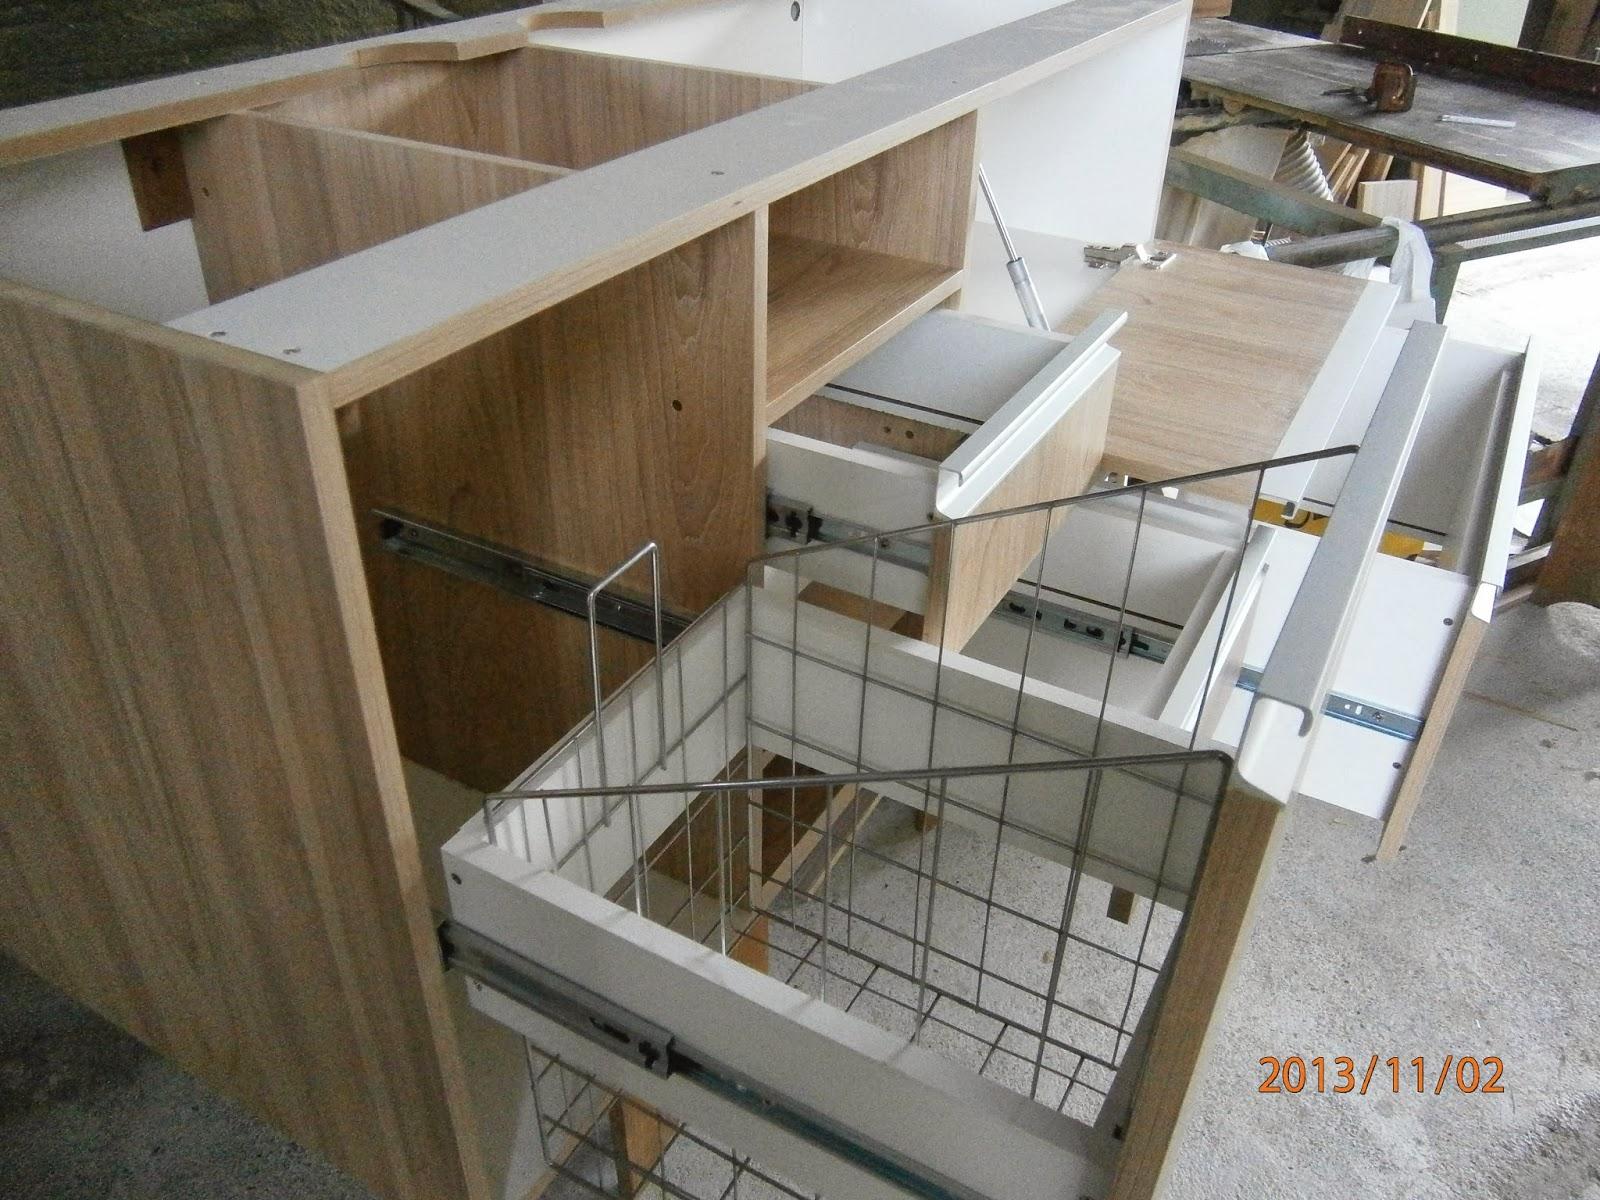 Móveis Sob Medida Jair F. Stocco: Banheiros #5E4E37 1600x1200 Balcao Banheiro Suspenso